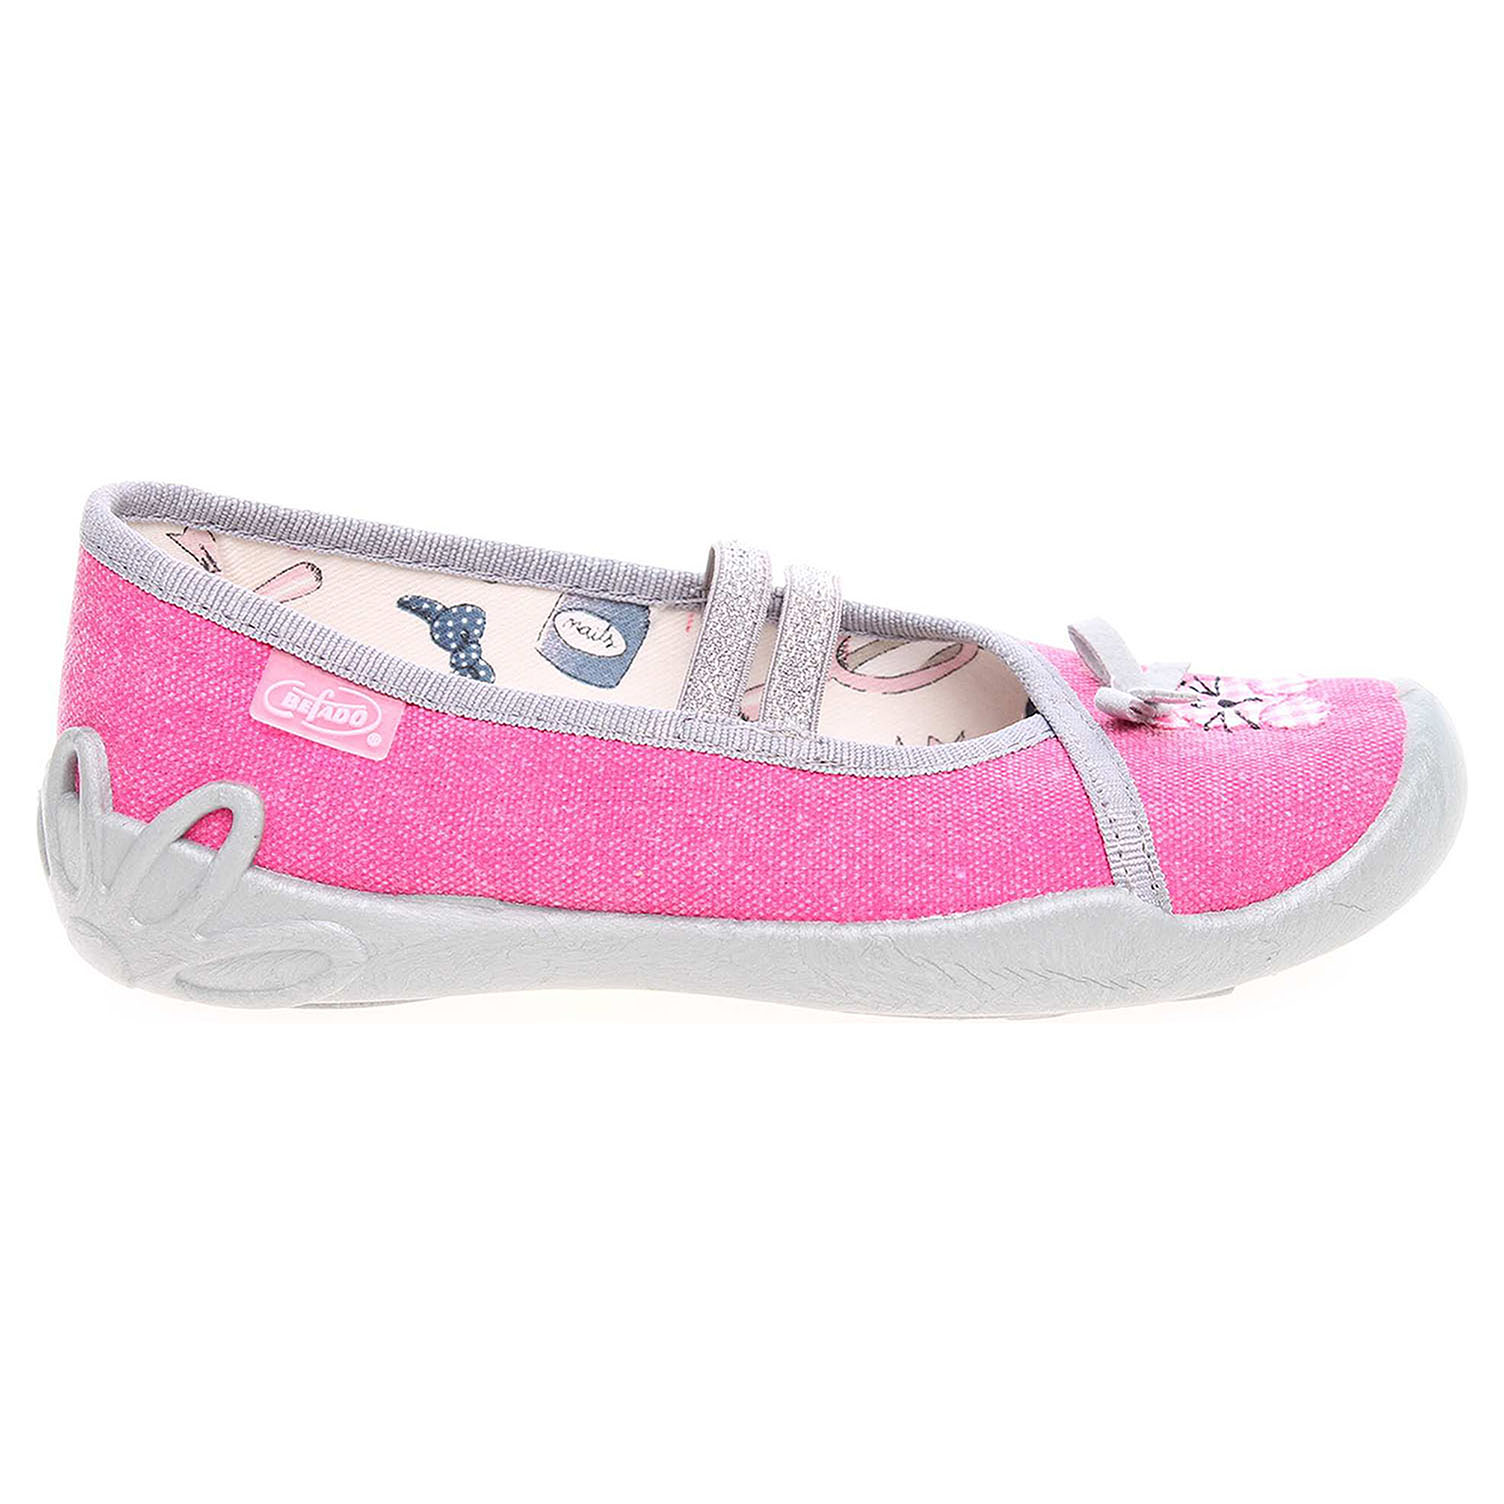 Ecco Befado dívčí bačkory 116X201 růžové 26900154